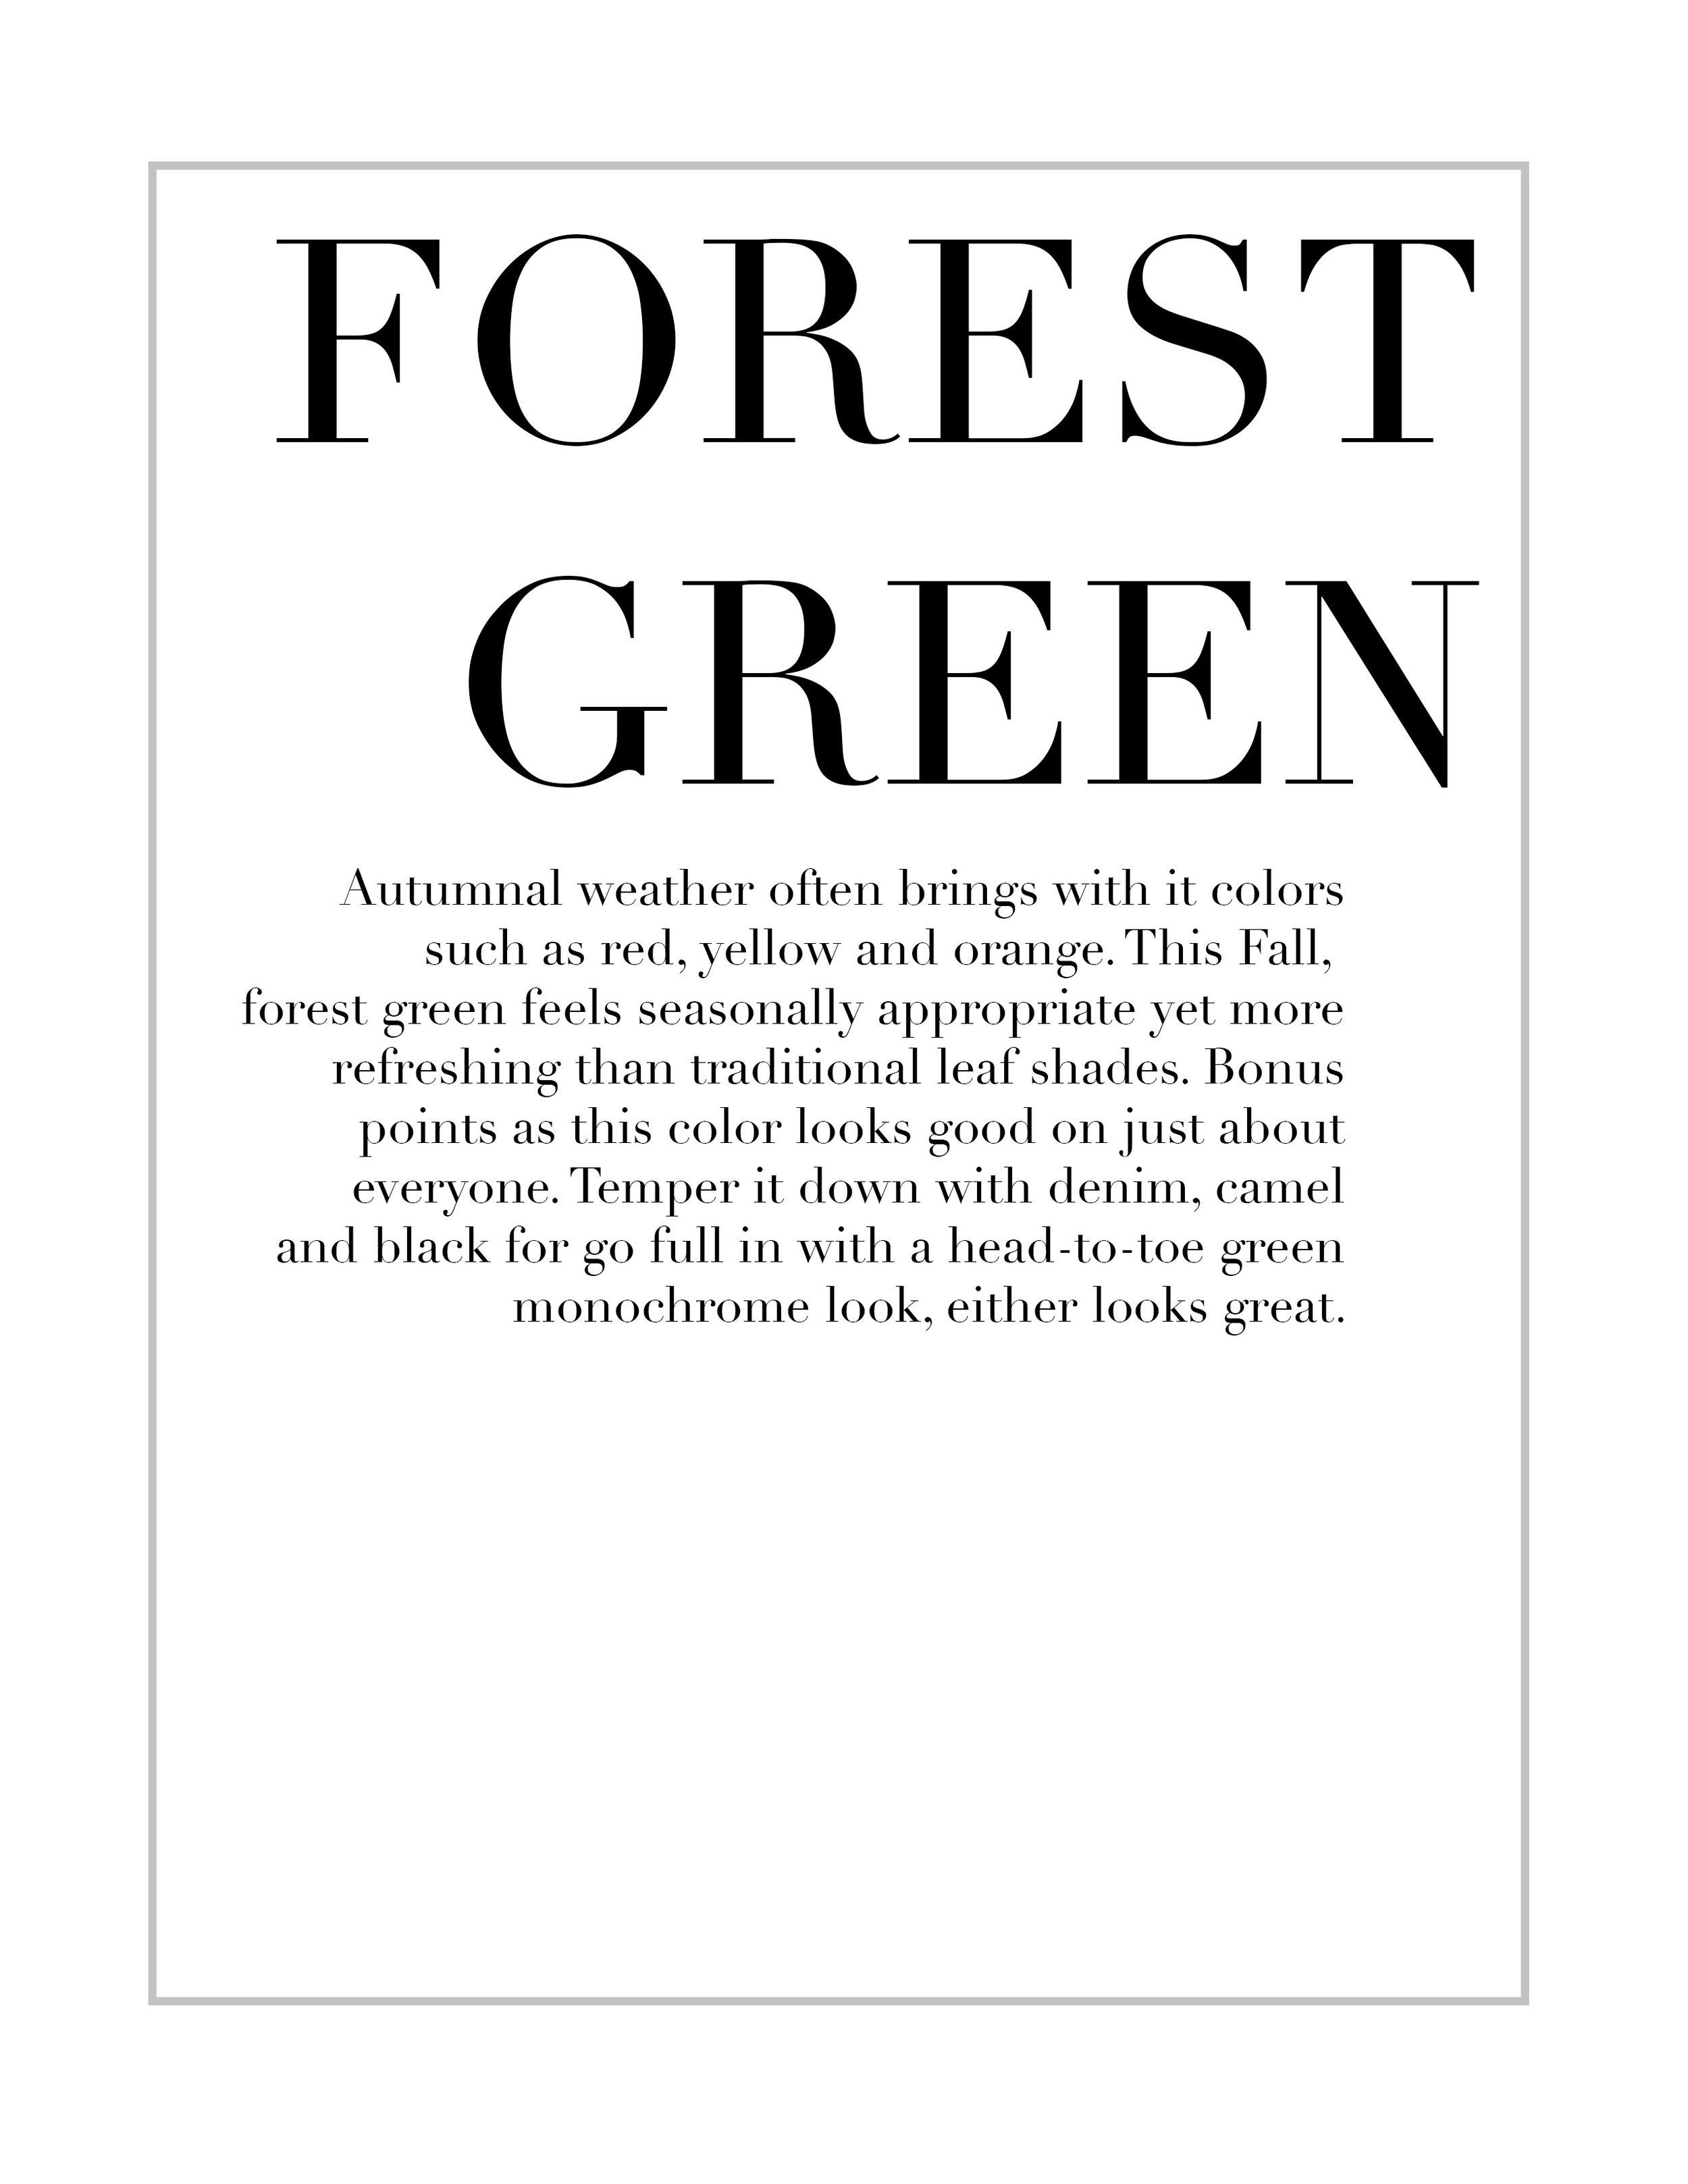 fizz-fade-green.jpg